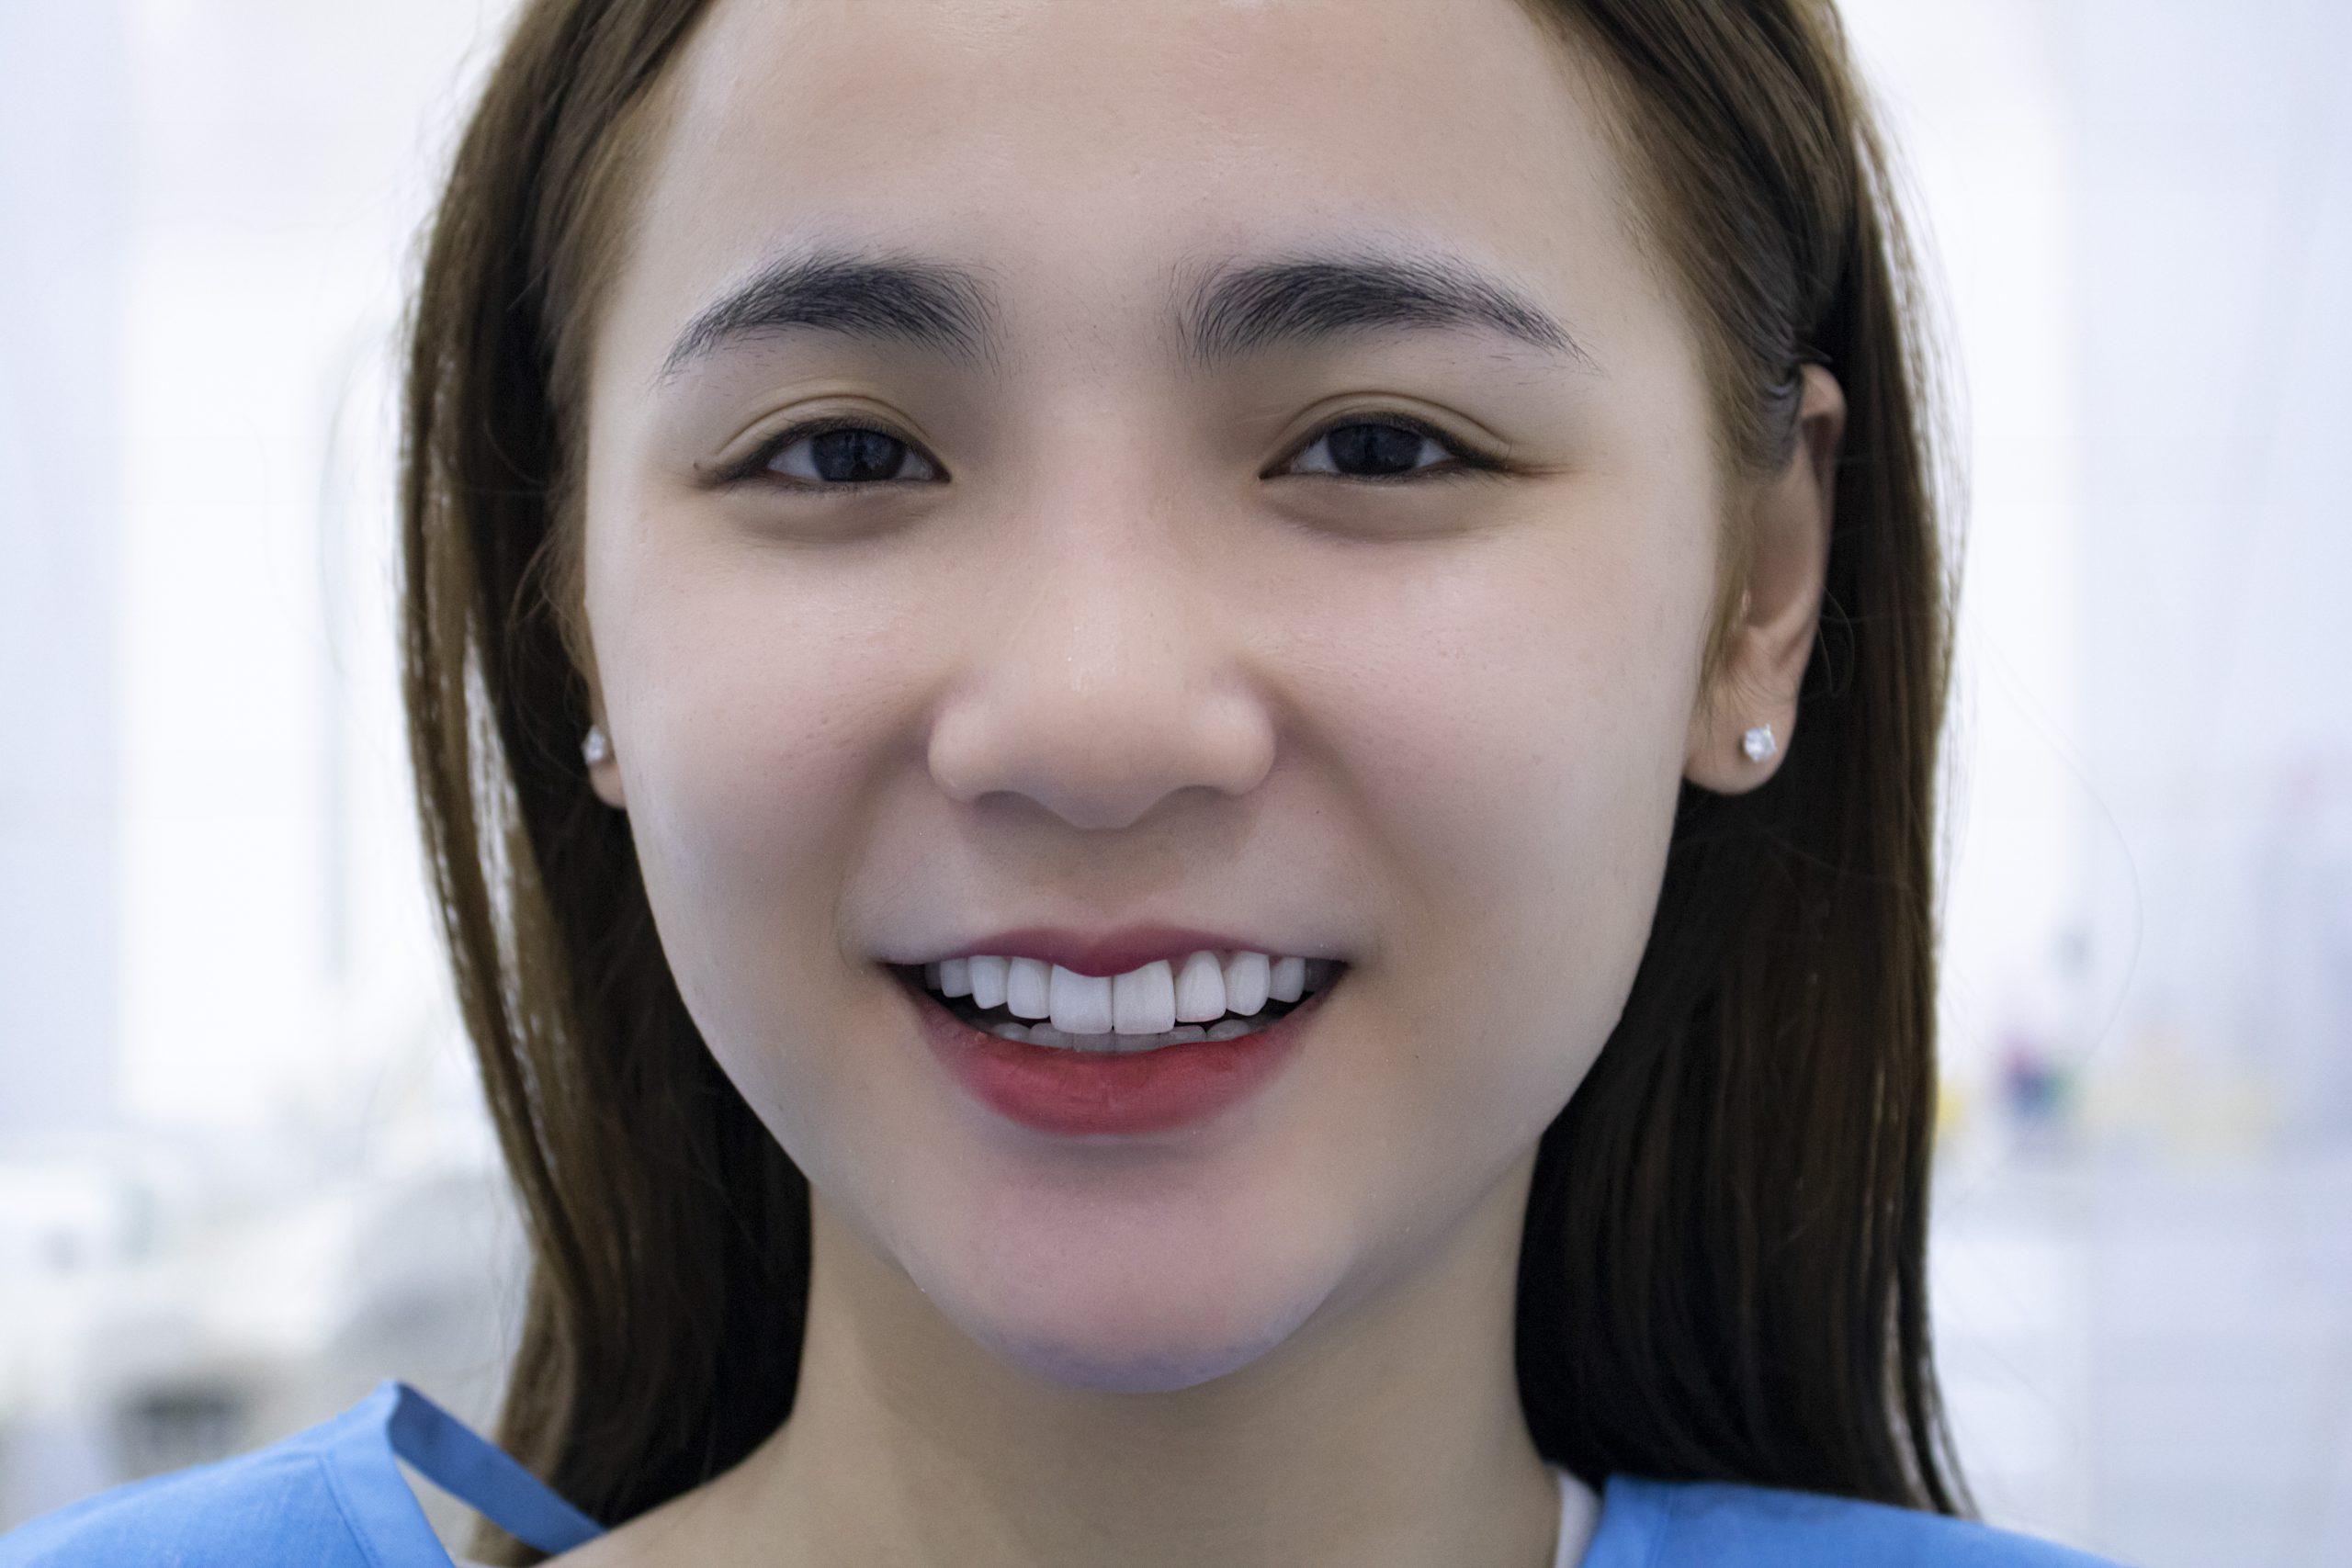 răng-sứ-kém-chất-lượng-5